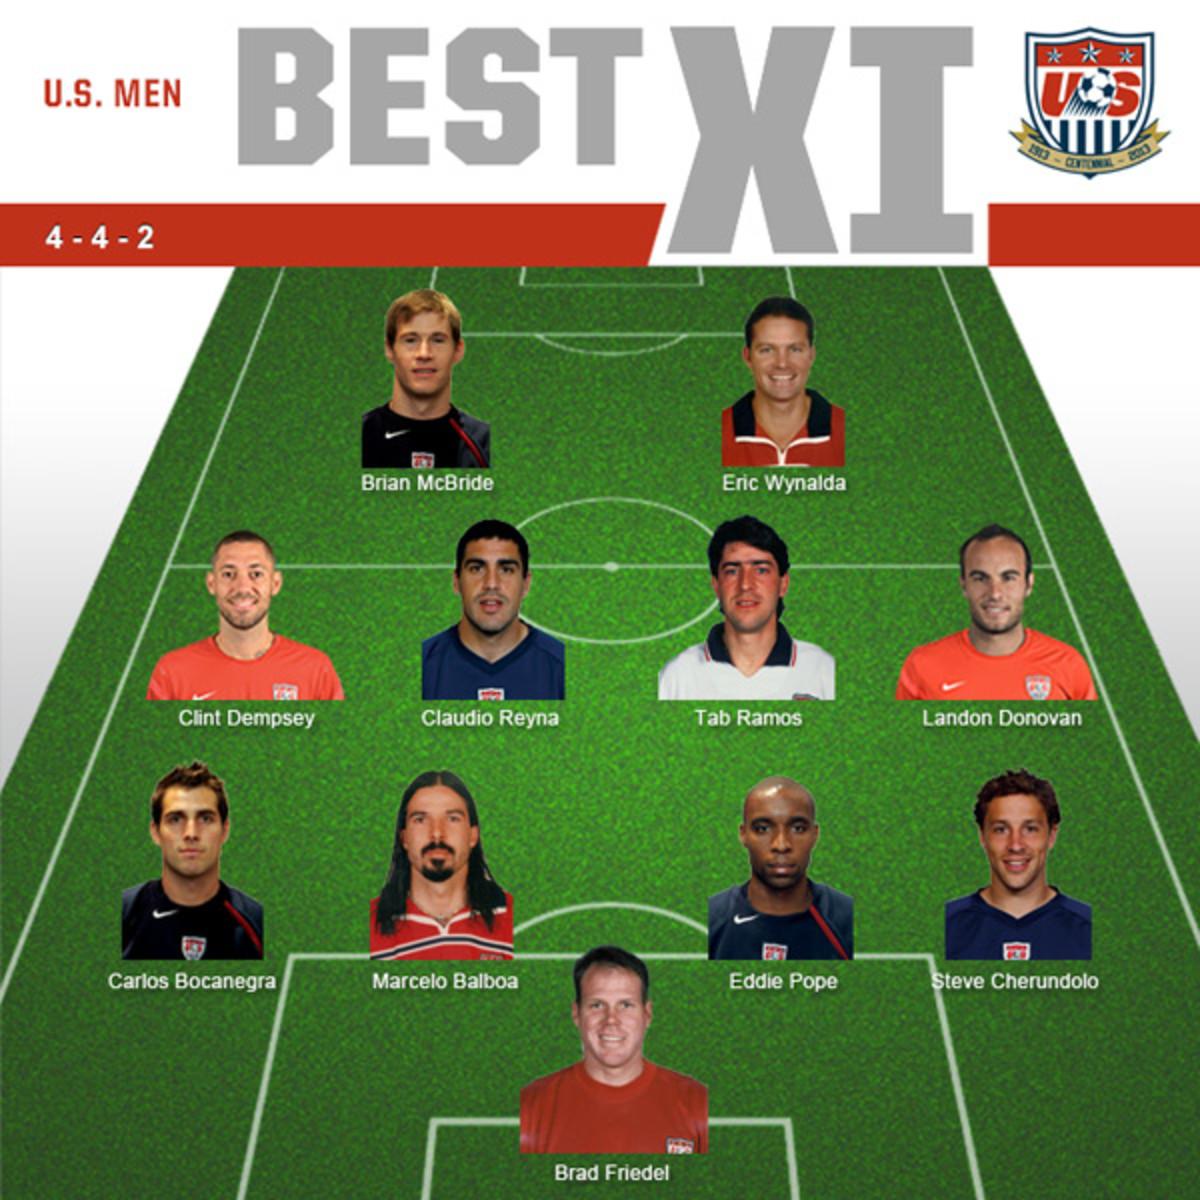 USMNT Best XI